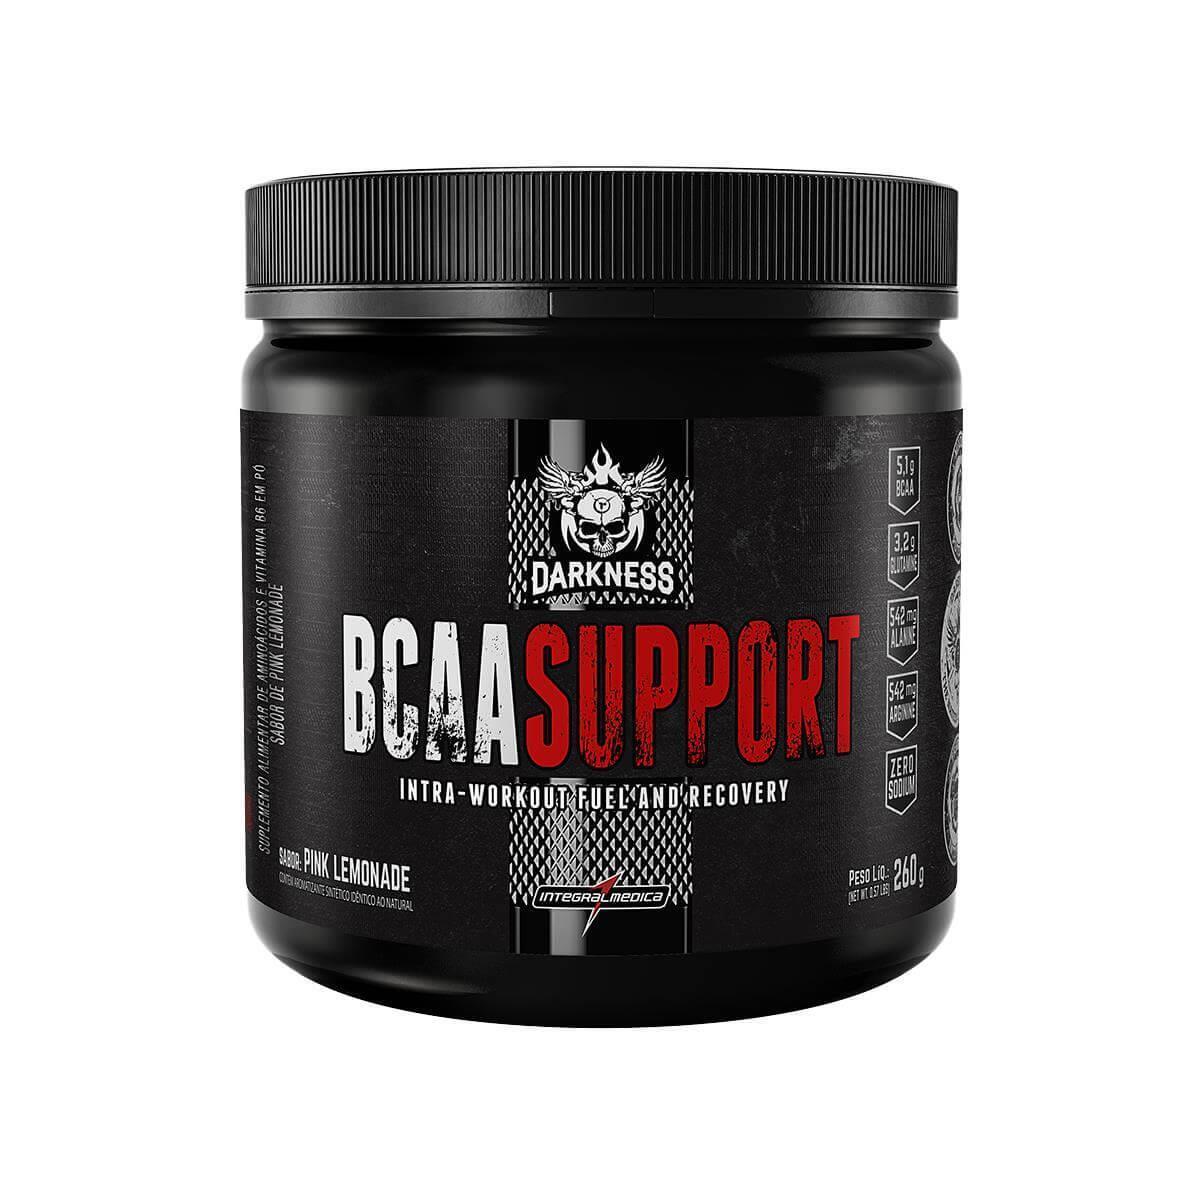 BCAA SUPPORT (260g) PINK LEMONADE - DARKNESS